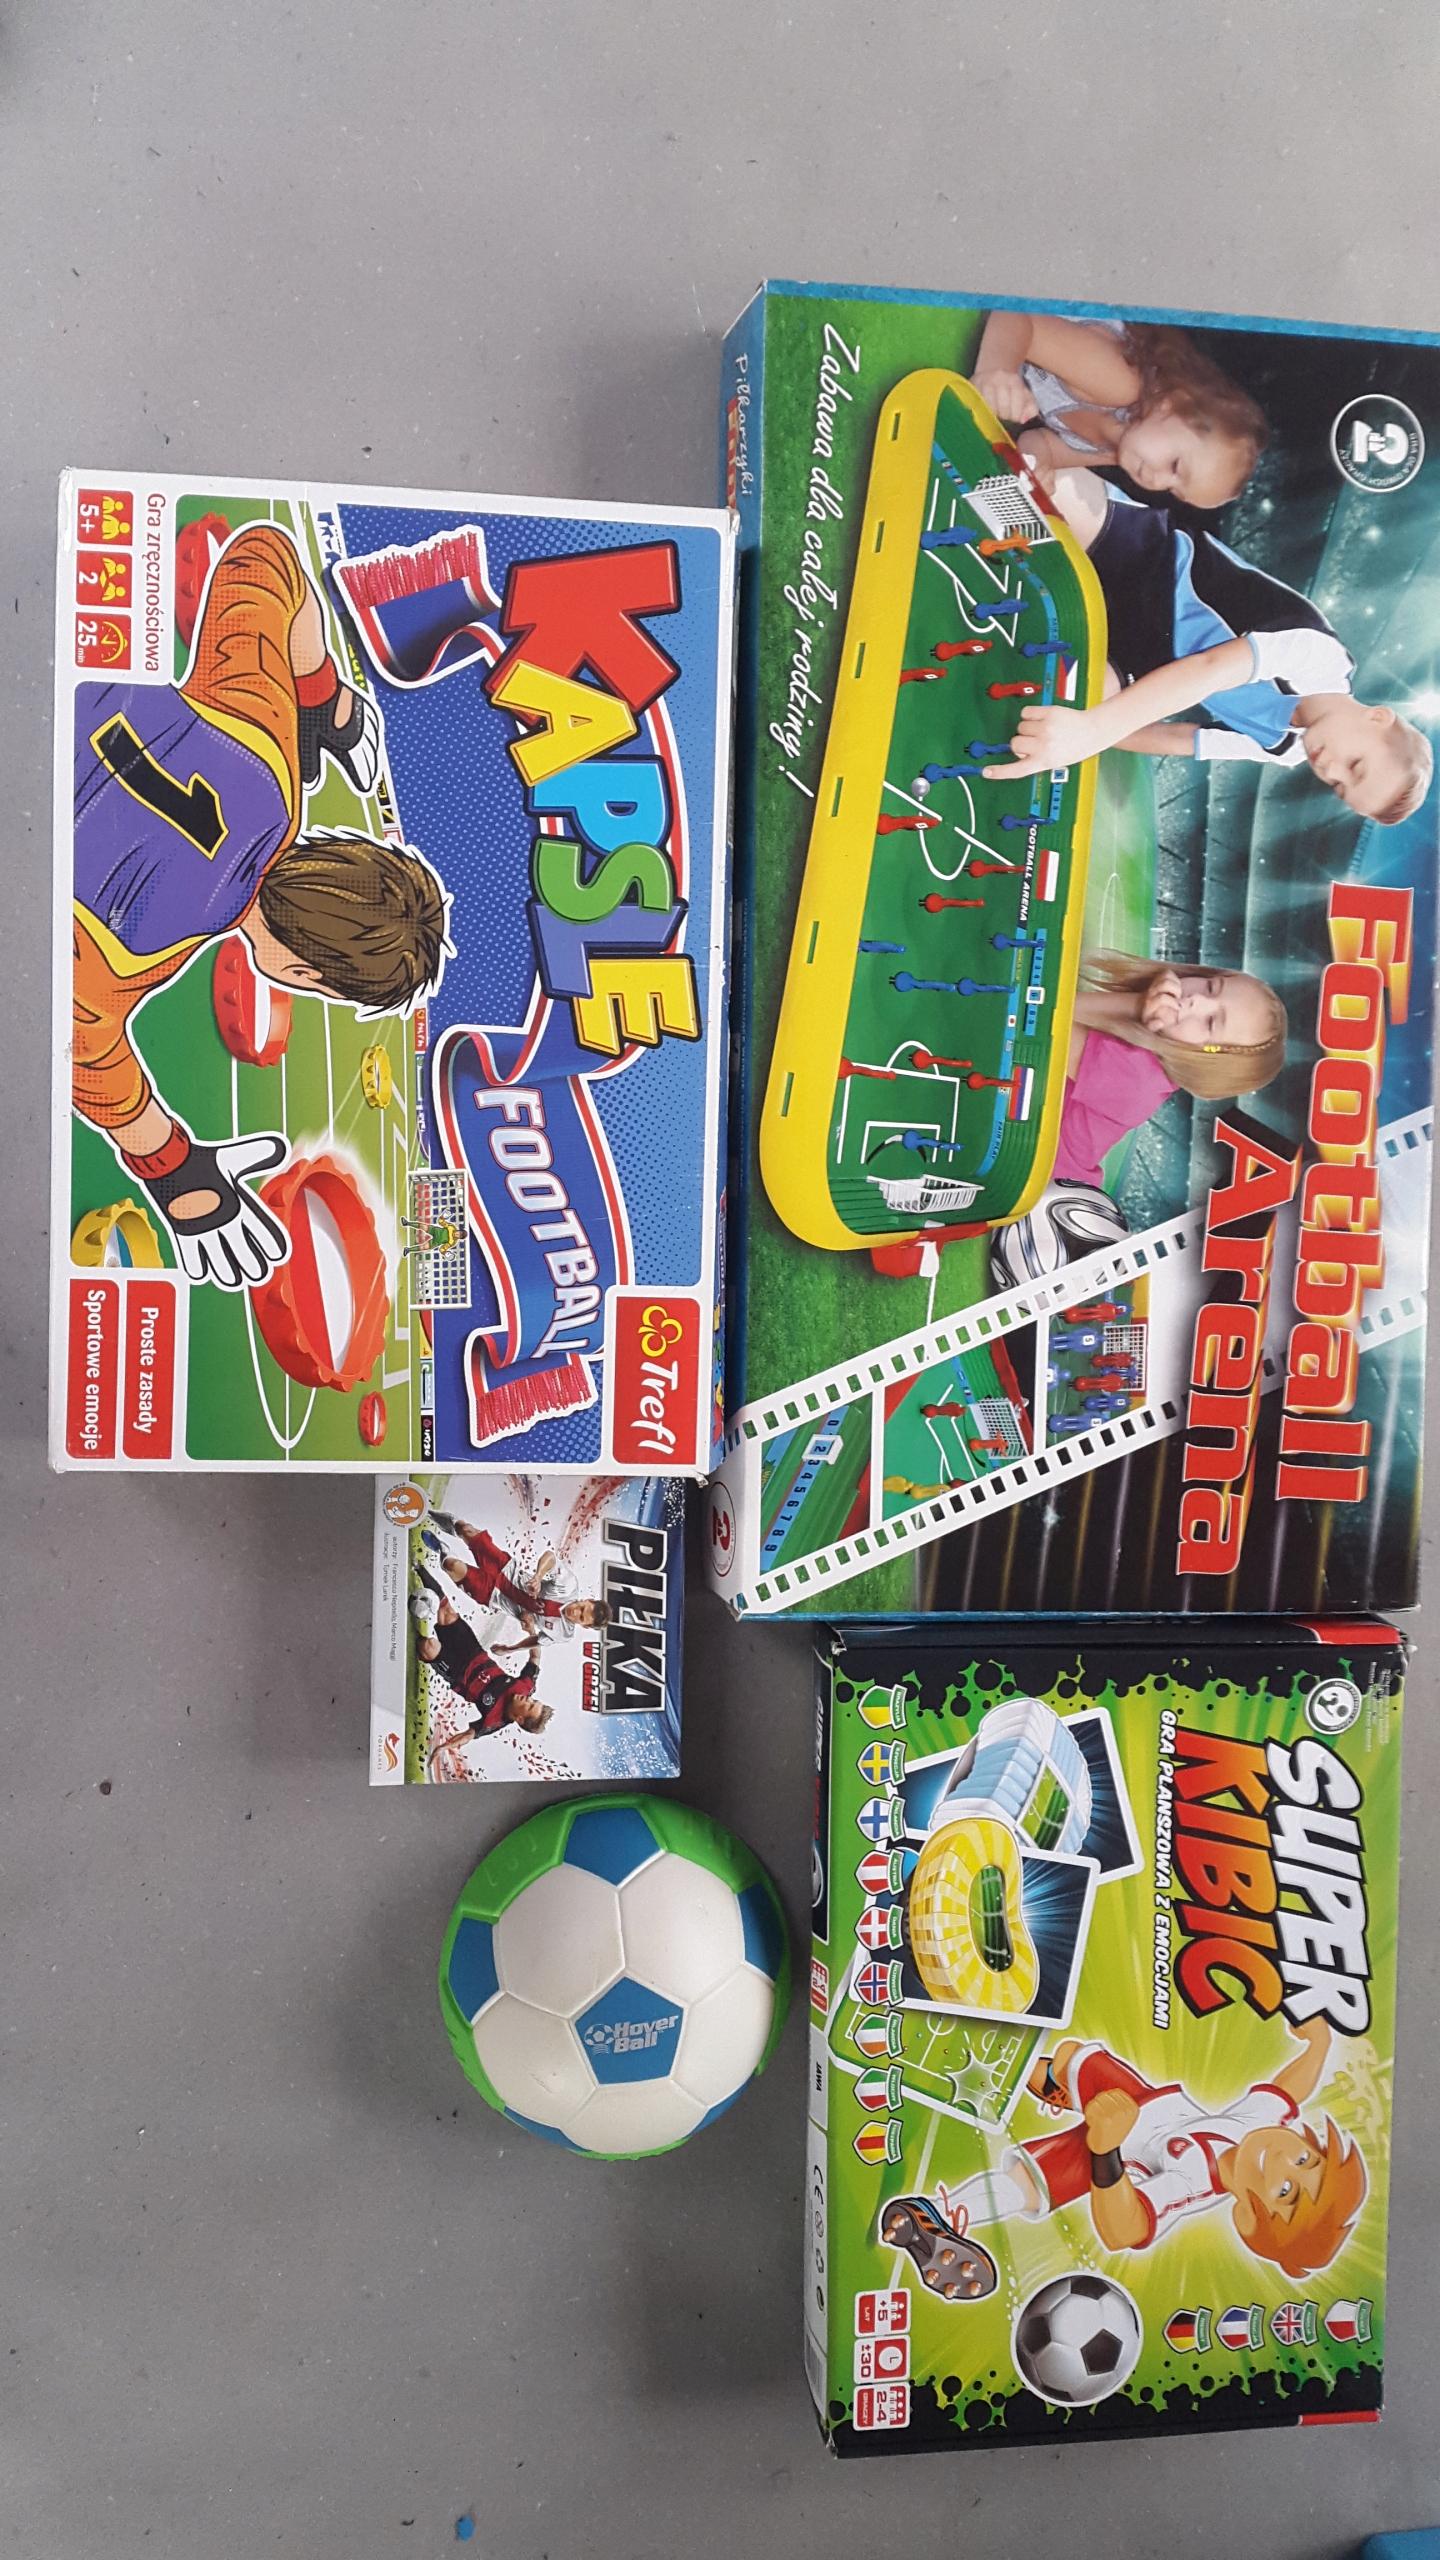 zestaw gier temetyka piłka nożna 5 sztuk